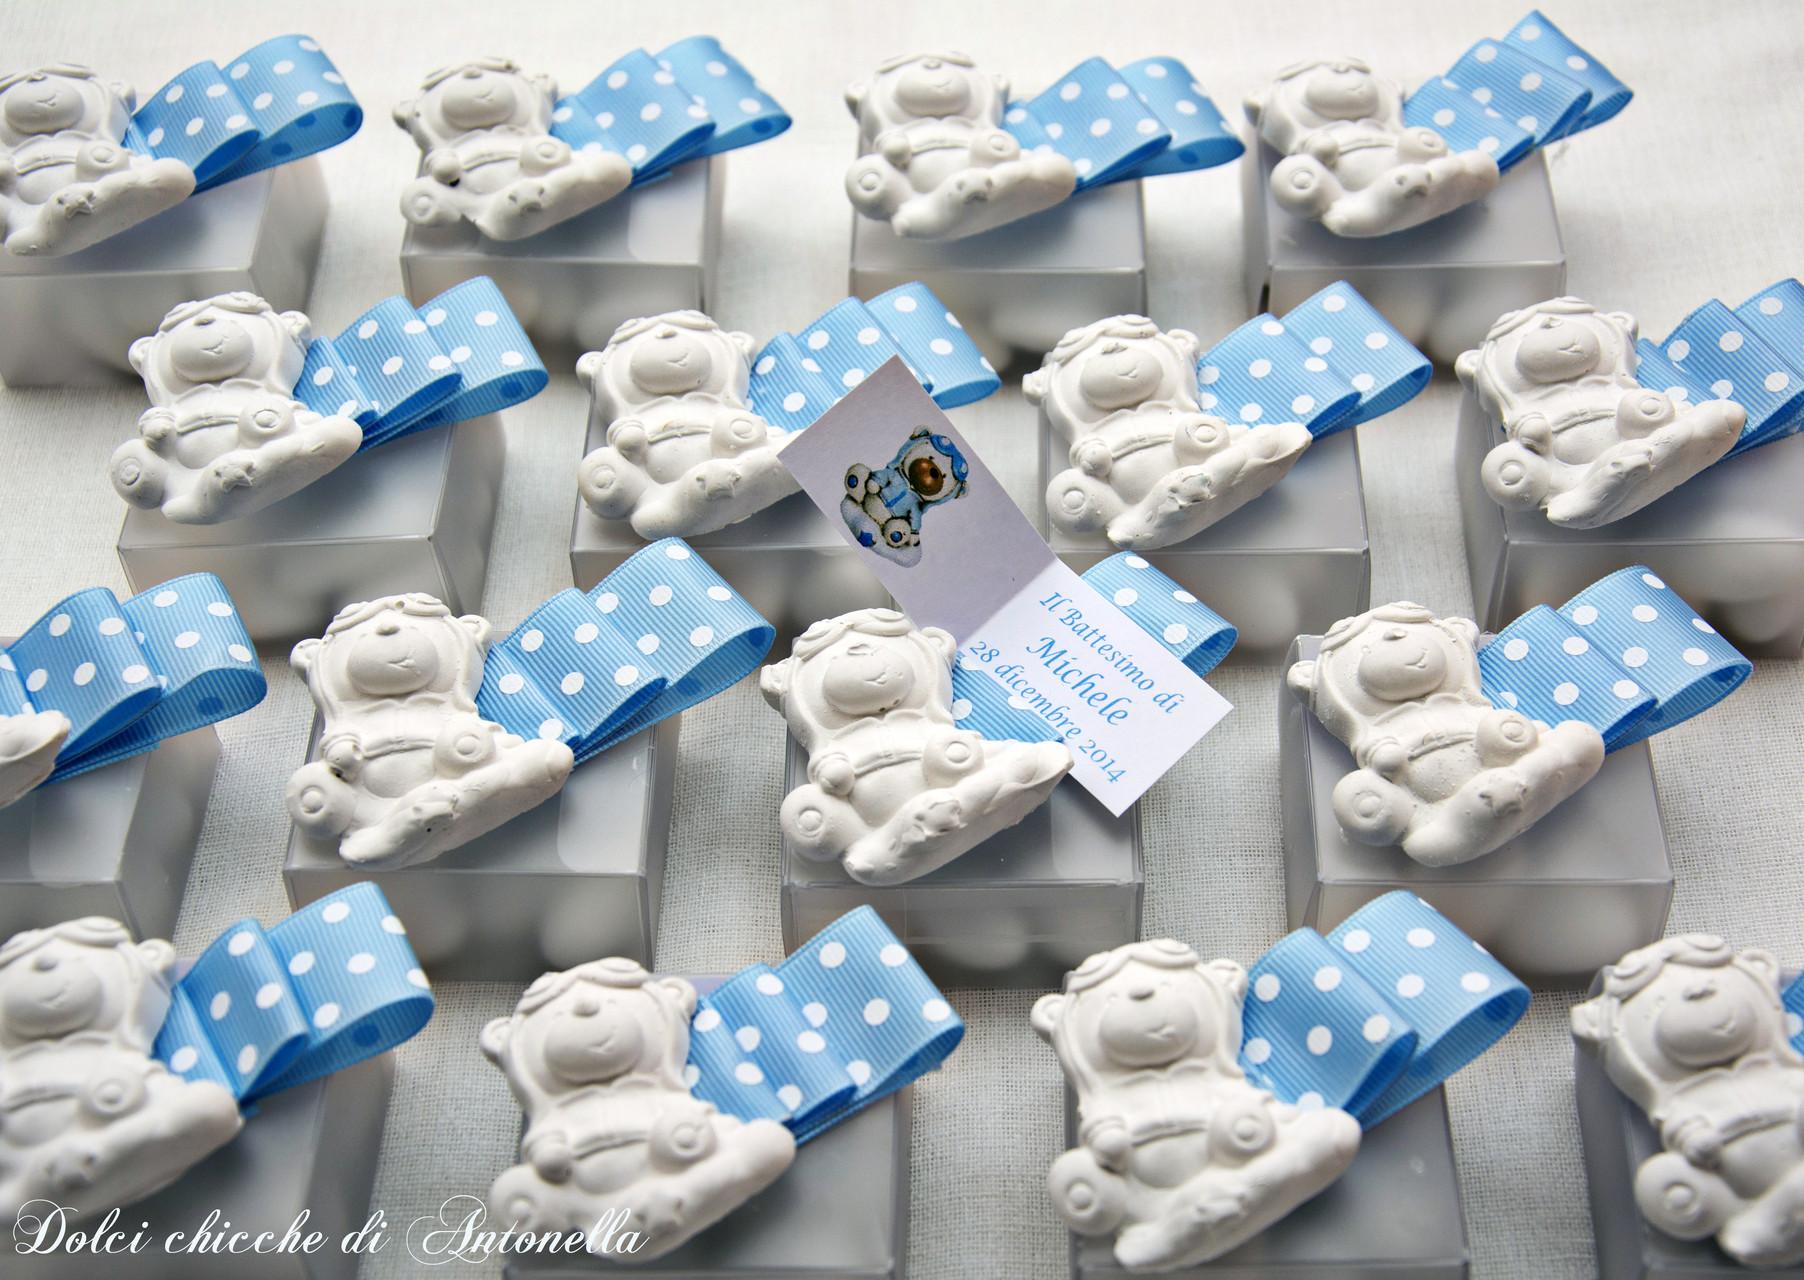 Confettate in abbinamento alla torta per il Battesimo di Michele. Profumatori per cassetti.